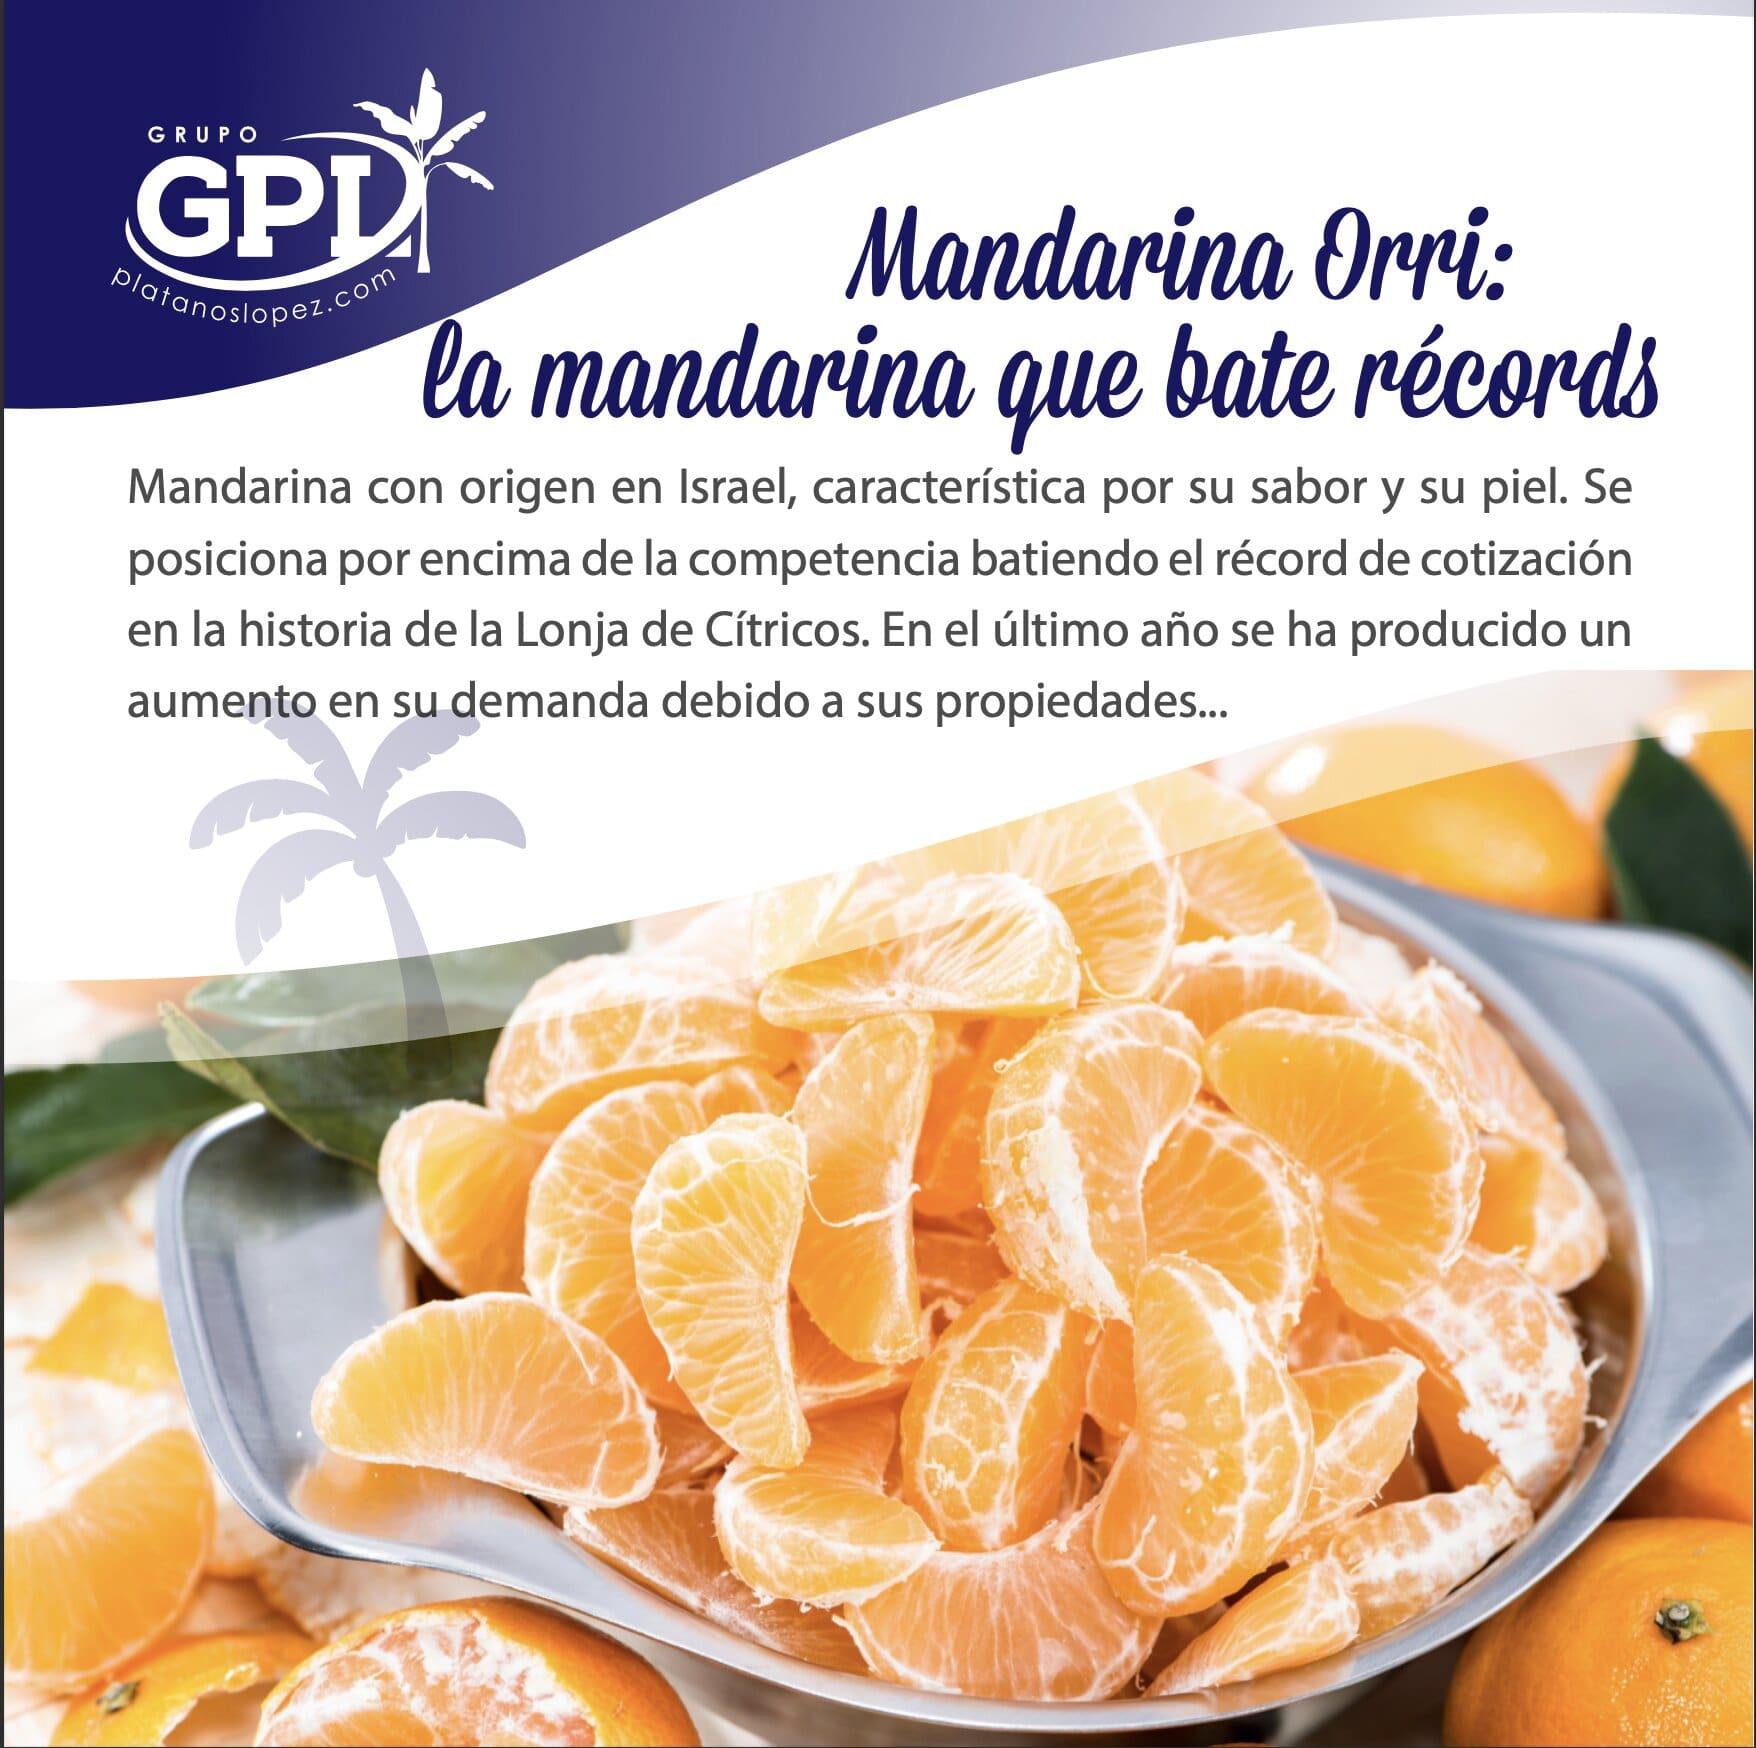 mandarina Orri, variedad que bate récords